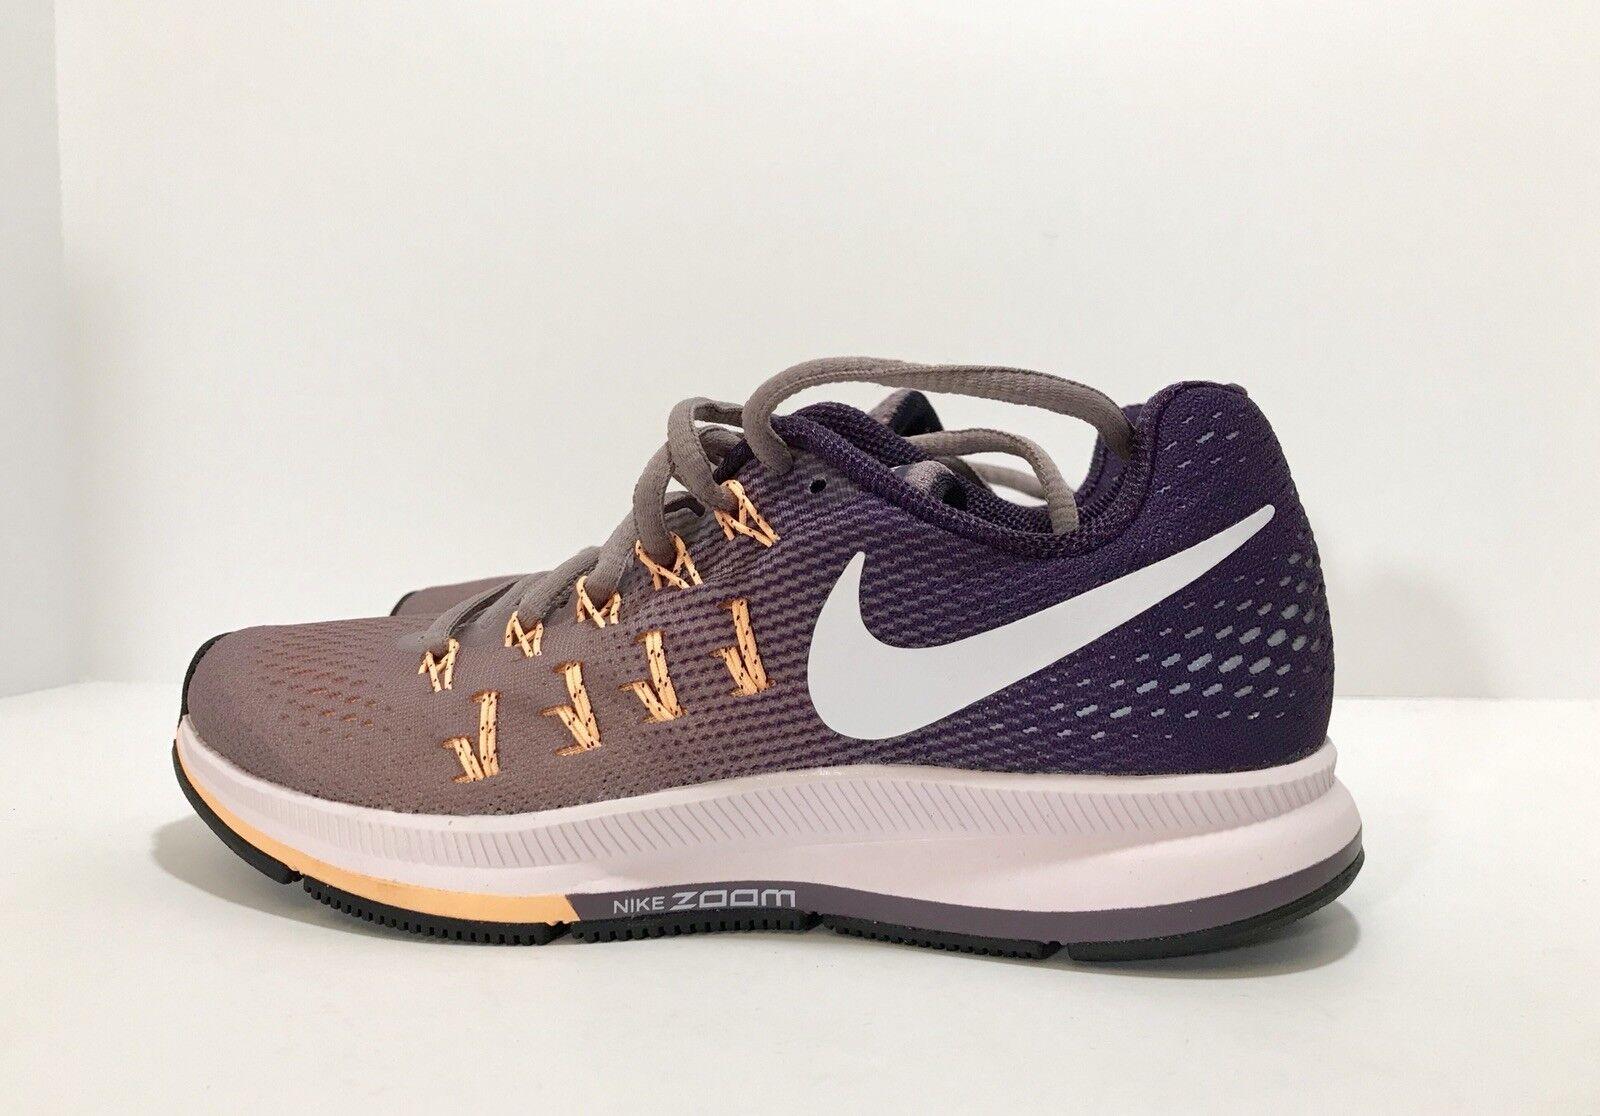 Women's Nike Air Zoom Pegasus 33 Shoes Running Shoes 33 Purple/Smoke Size 5.5, 831356-500 46dc76